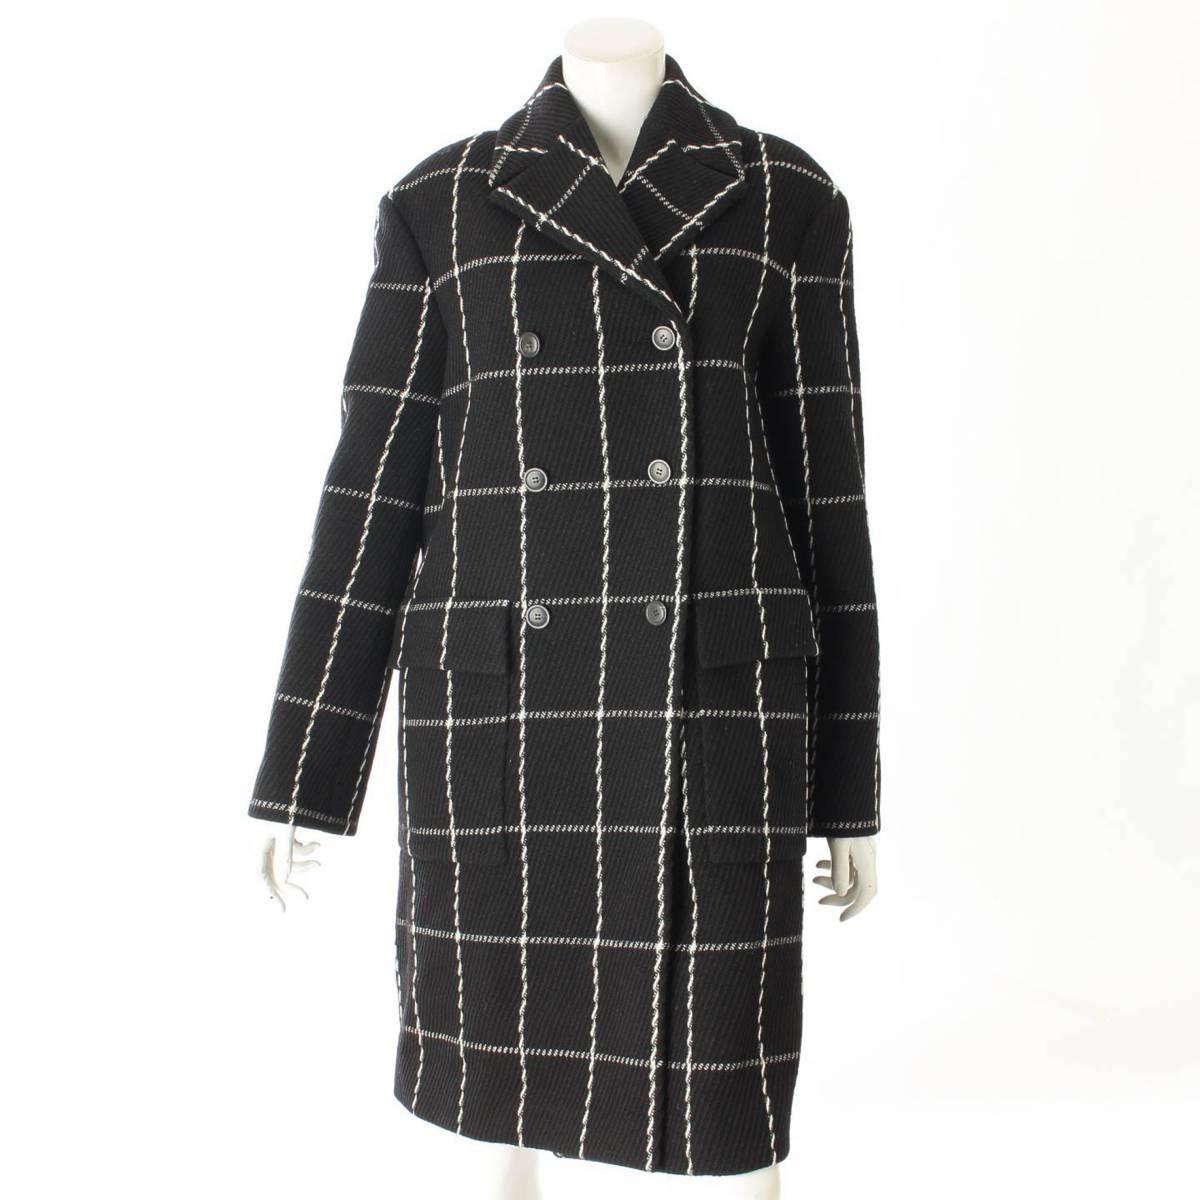 【クリスチャン ディオール】Christian Dior チェック ロングコート ブラック ホワイト 40 【中古】【鑑定済・正規品保証】96462